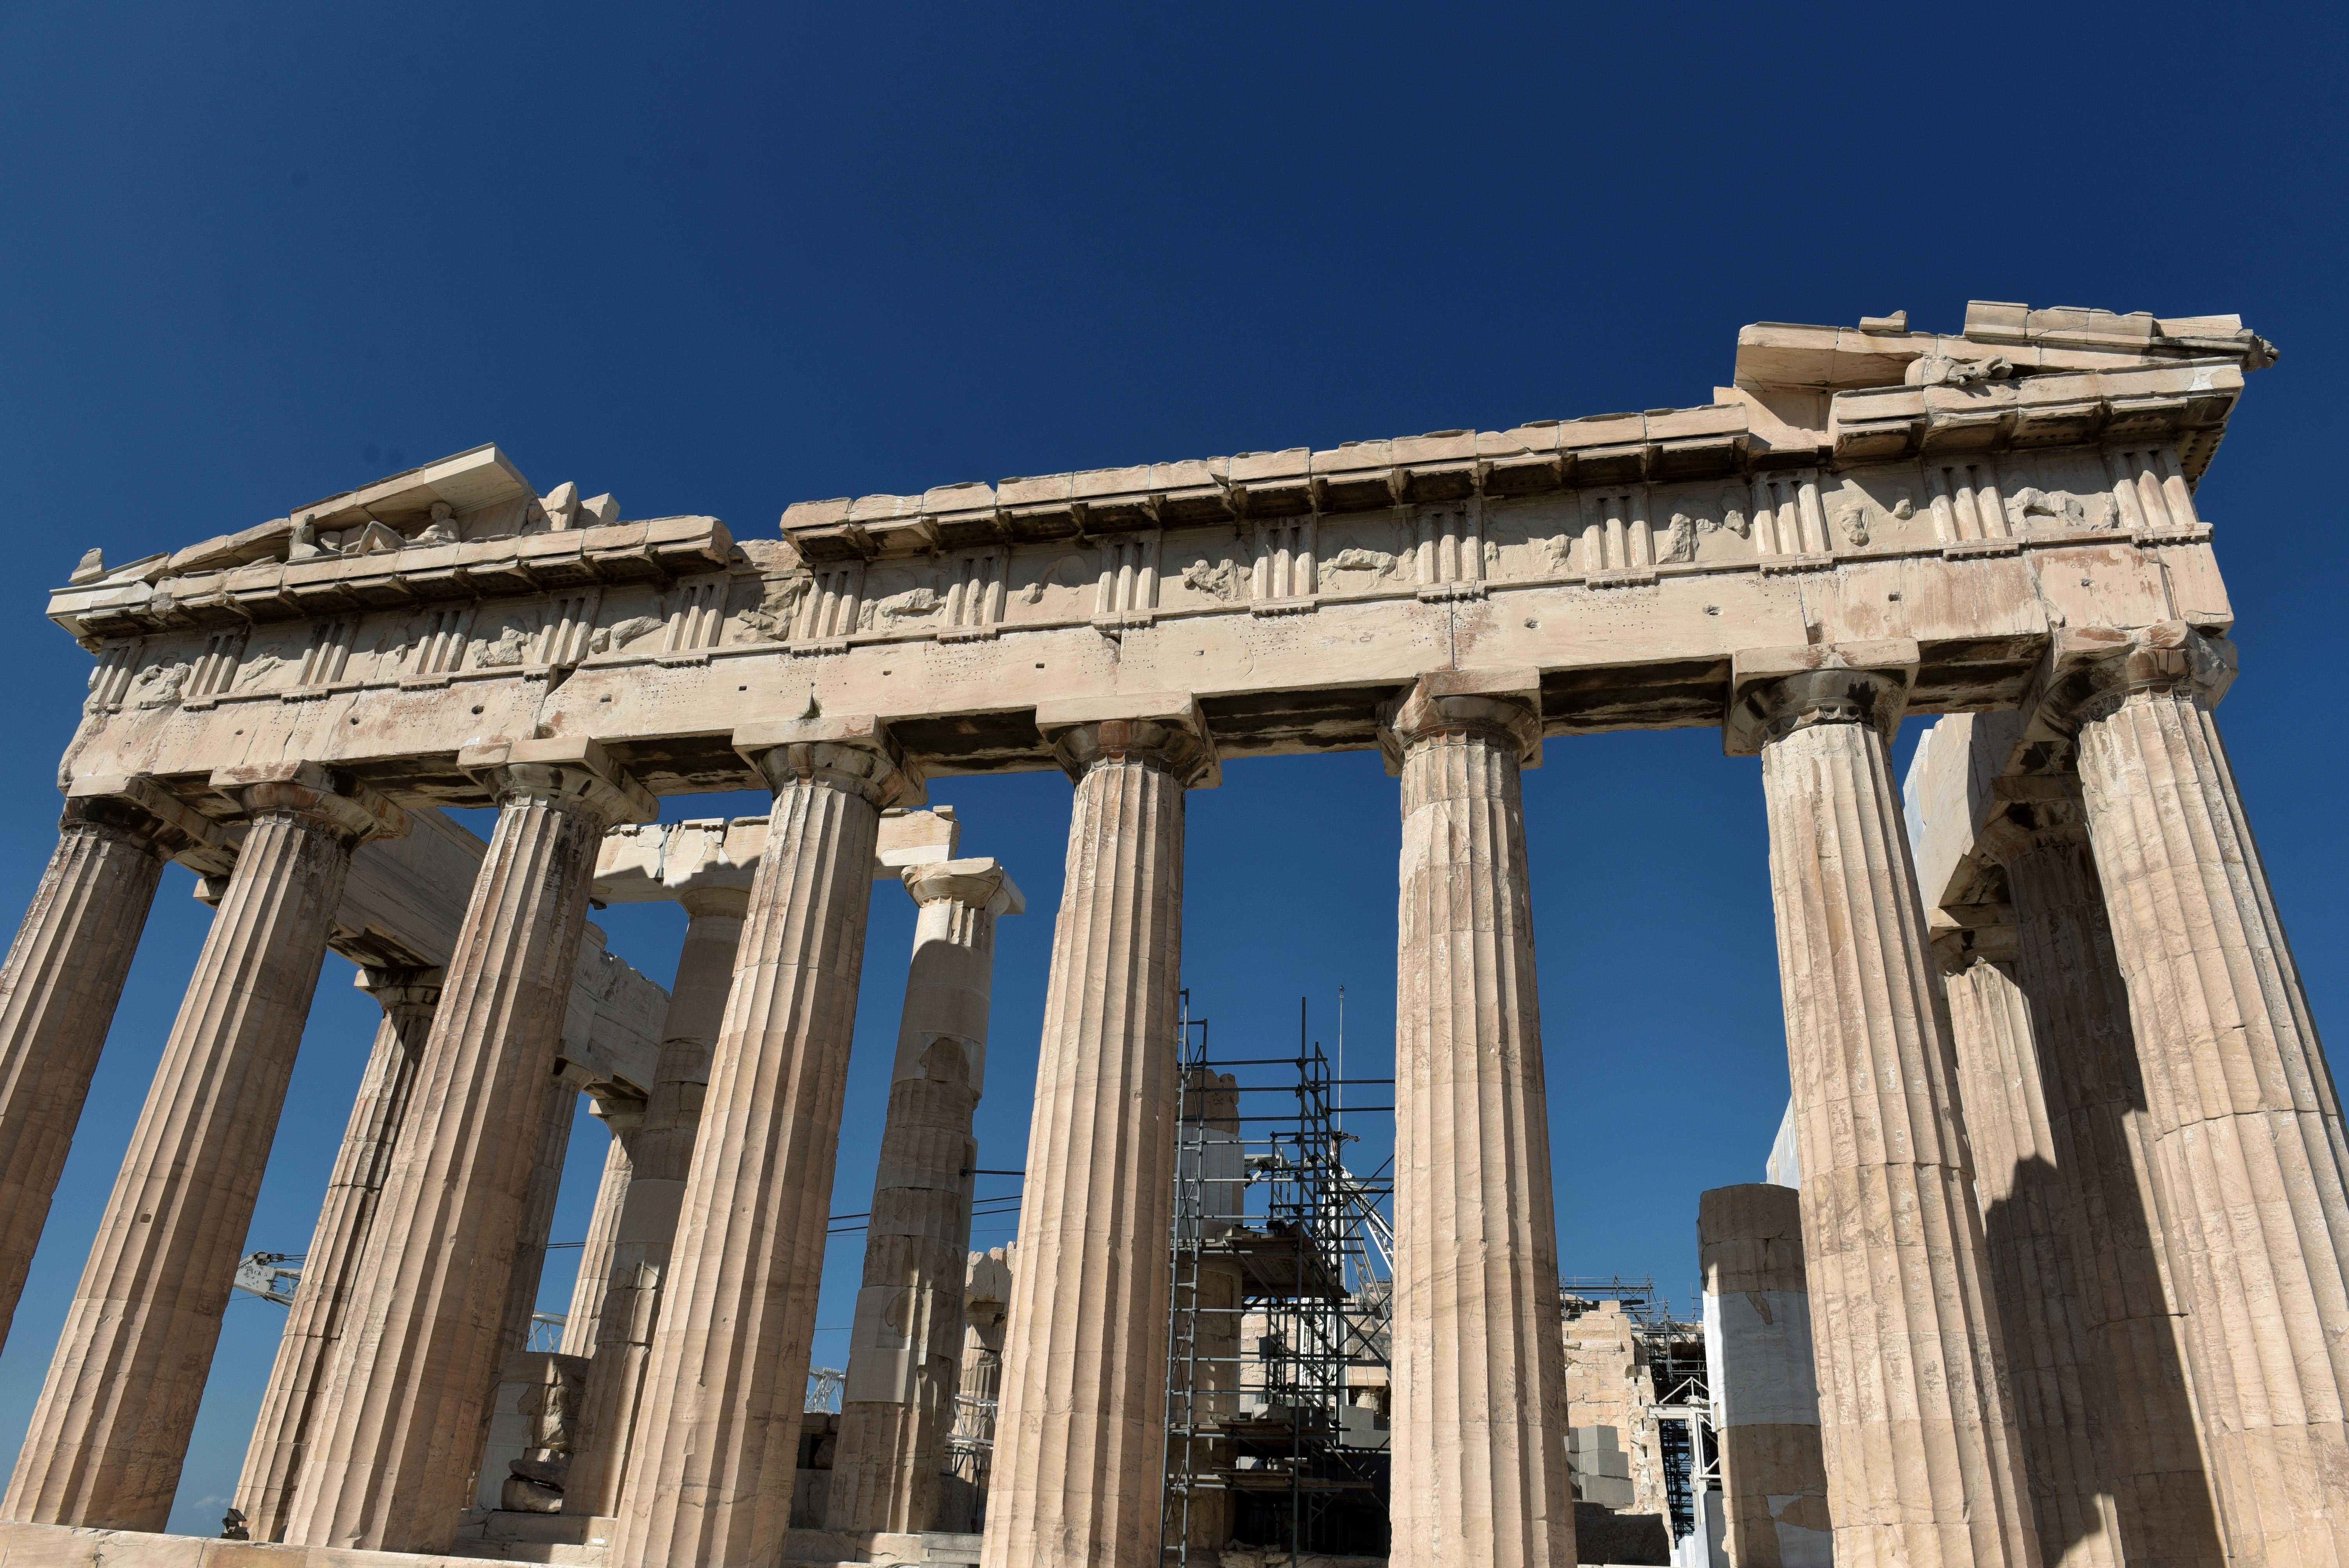 Ανεστάλη η κινητοποίηση στους αρχαιολογικούς χώρους   tovima.gr